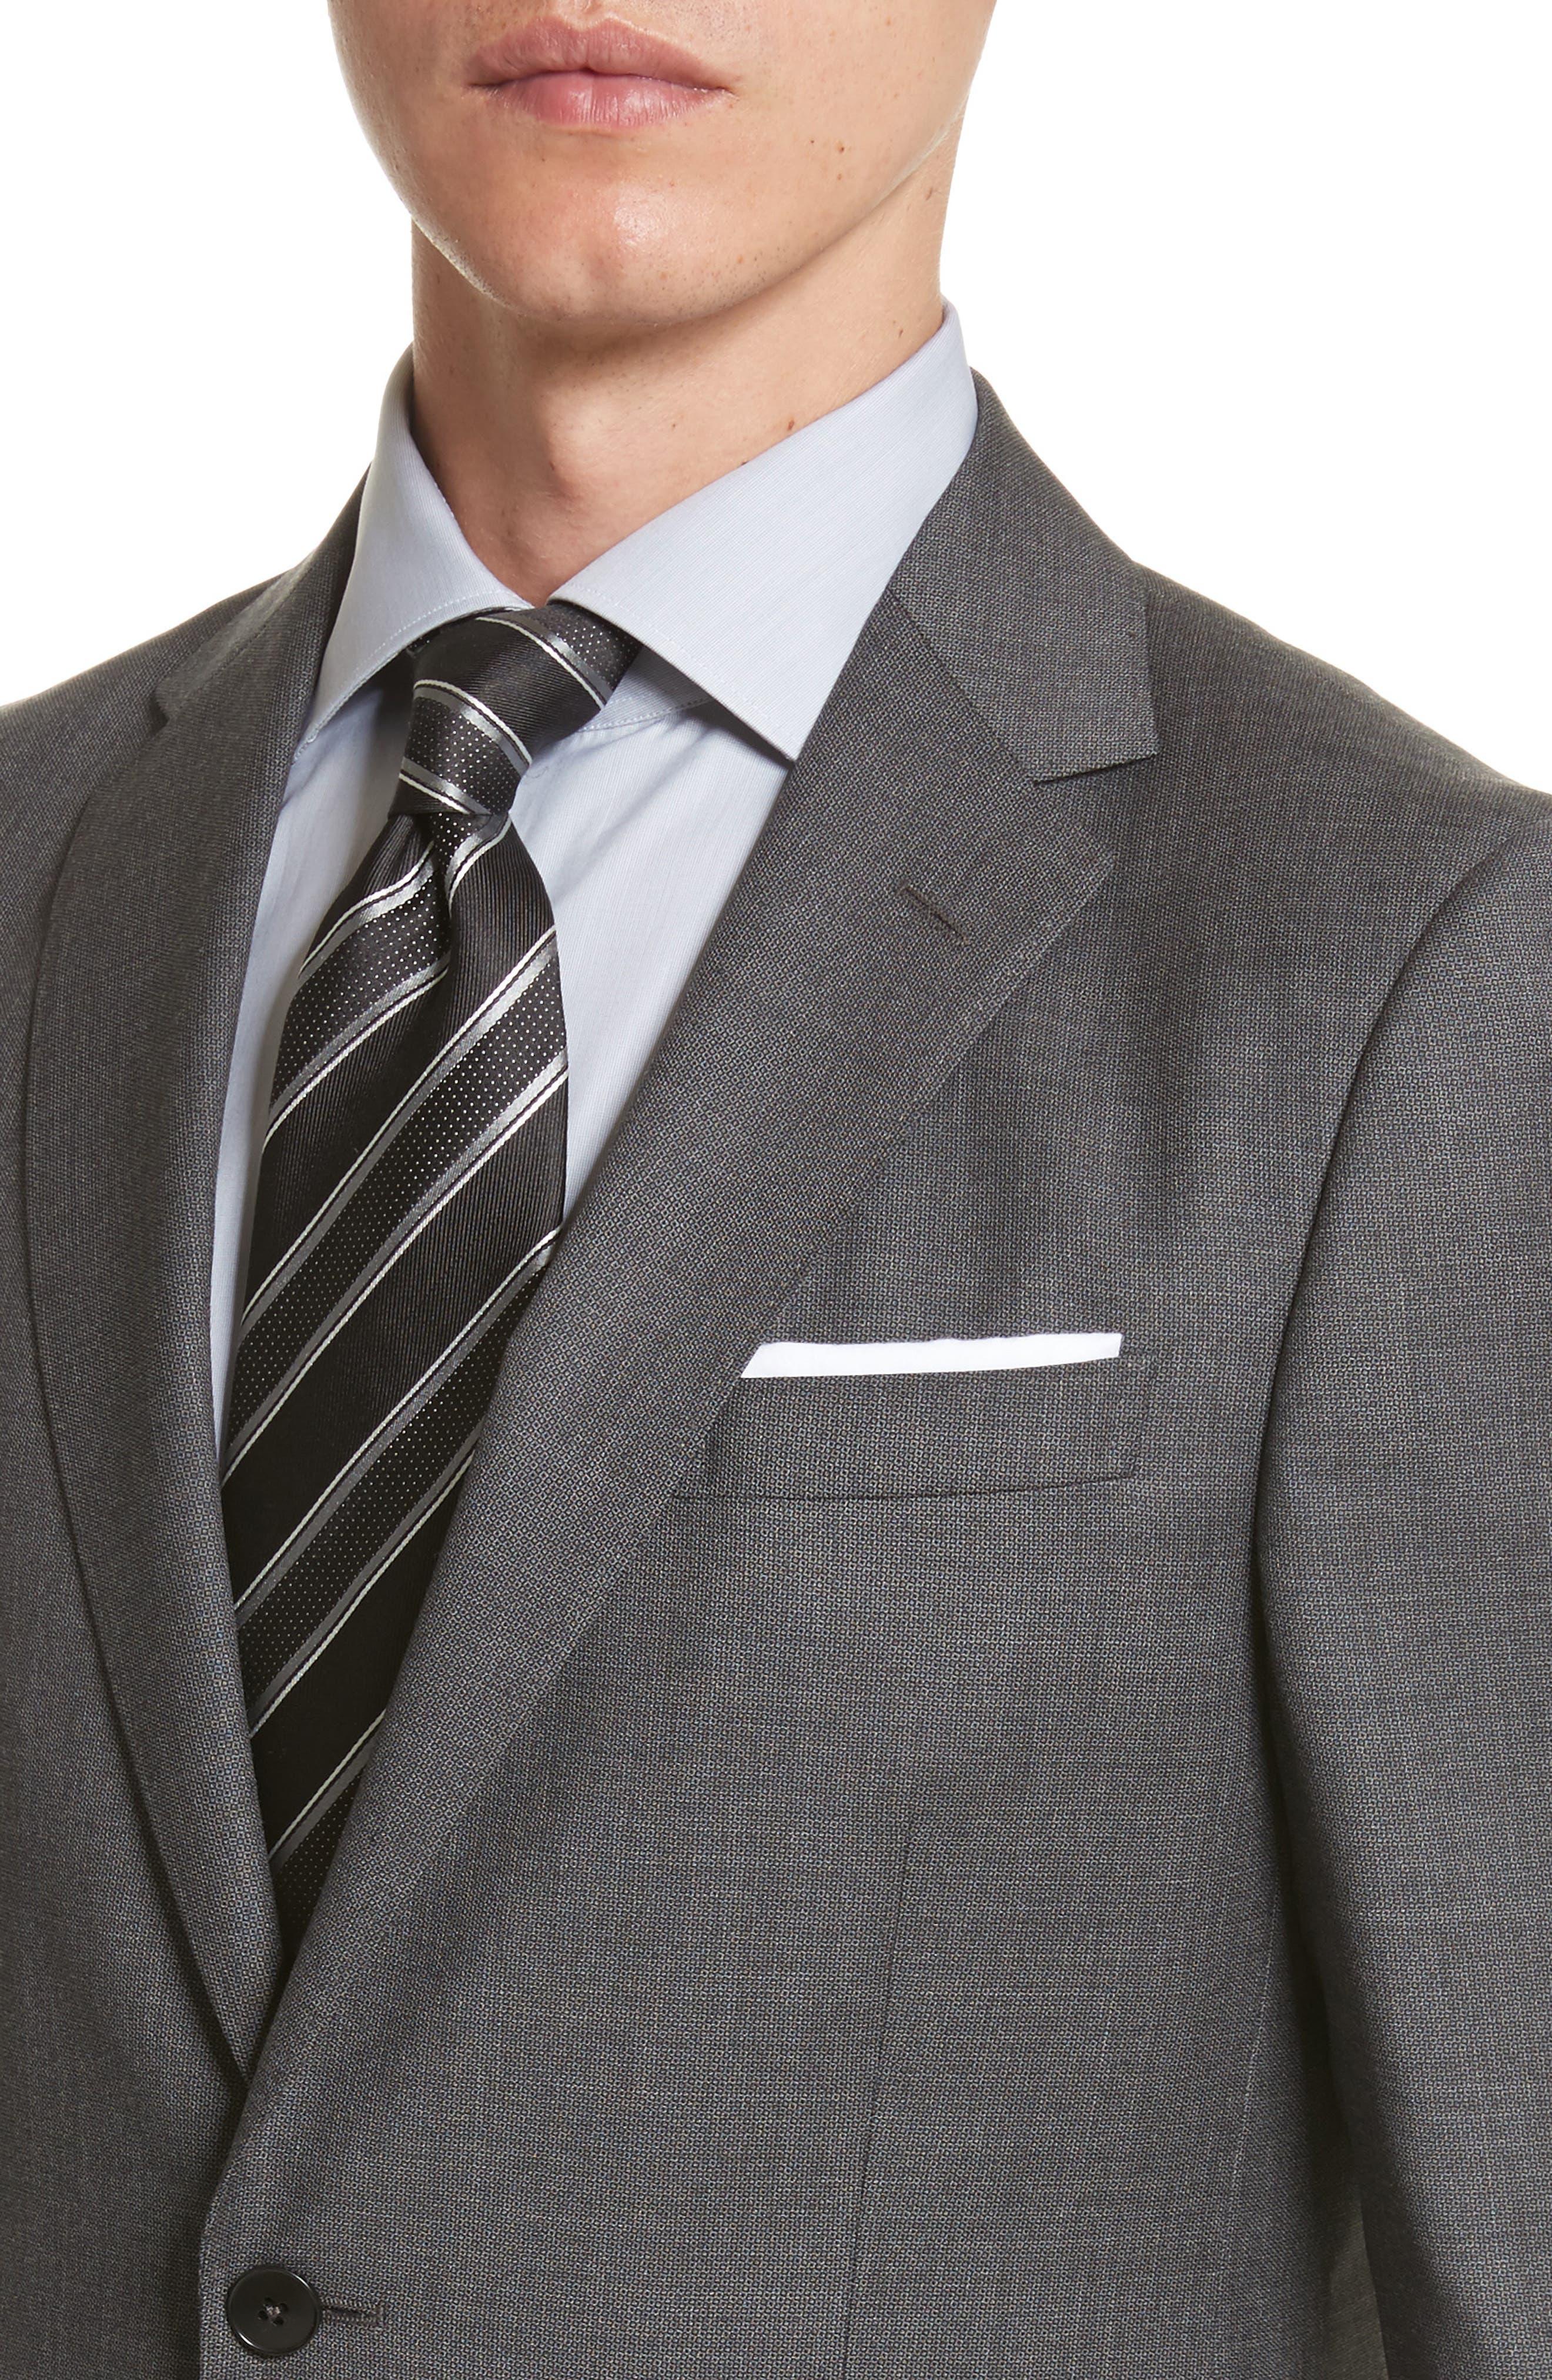 Z ZEGNA,                             Classic Fit Wool Suit,                             Alternate thumbnail 4, color,                             022